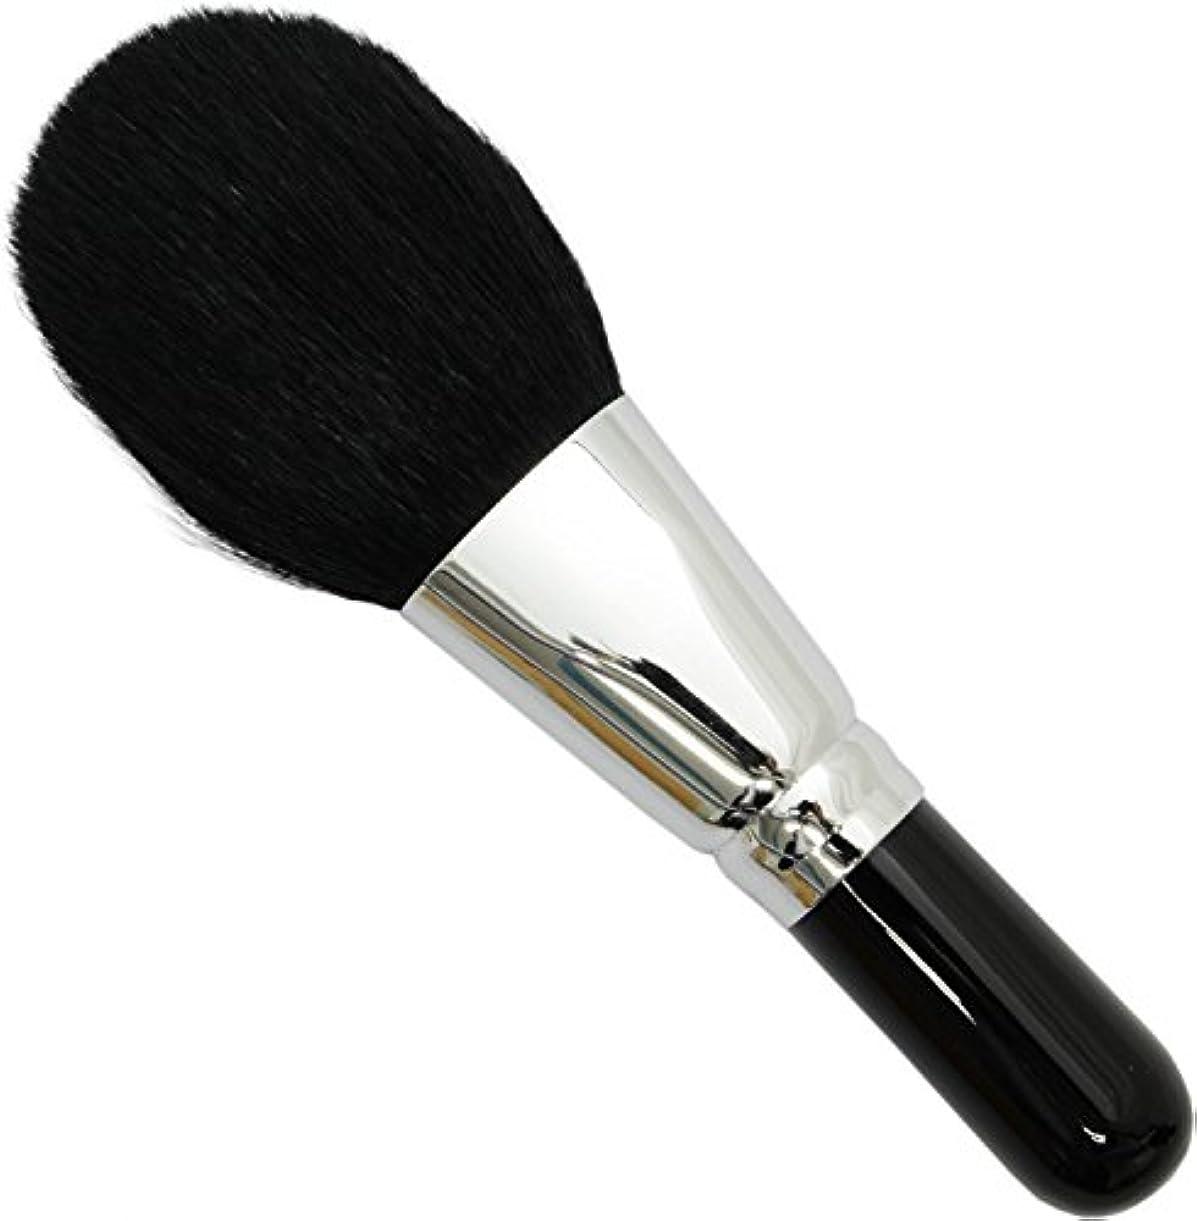 サーマルハンマー矛盾する熊野筆 メイクブラシ SRシリーズ フェイスブラシ 山羊毛